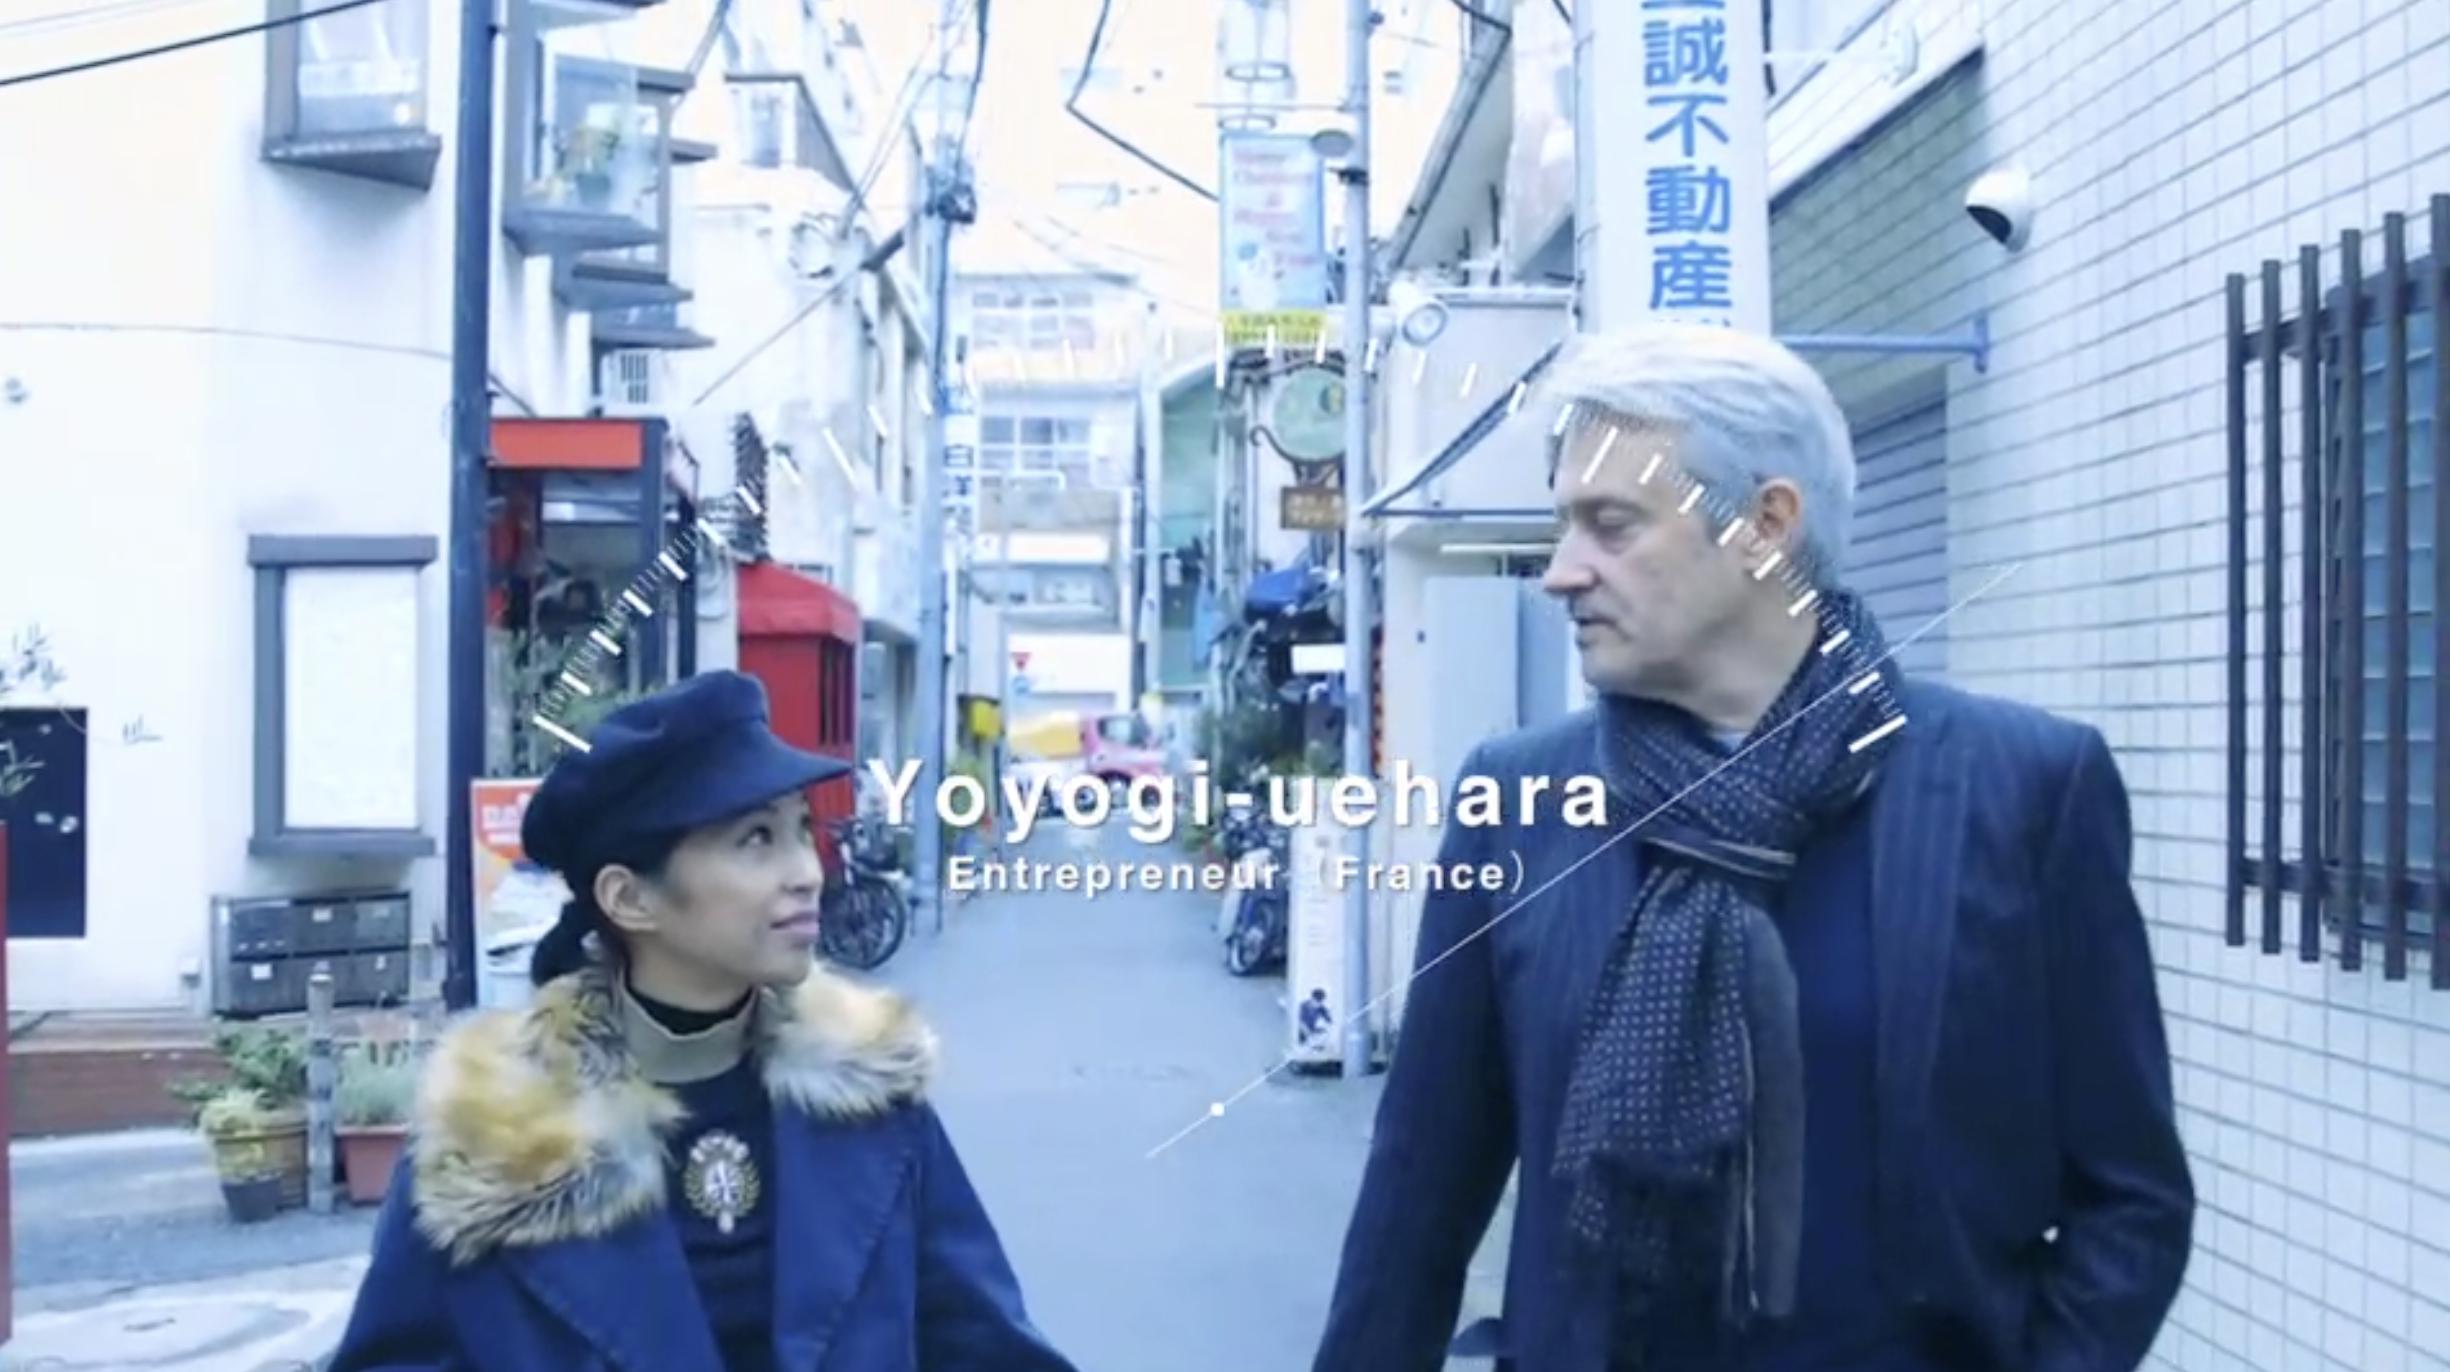 東京で働く外国人から見た魅力とは、Tokyo Talk1月から3月の新シリーズを紹介